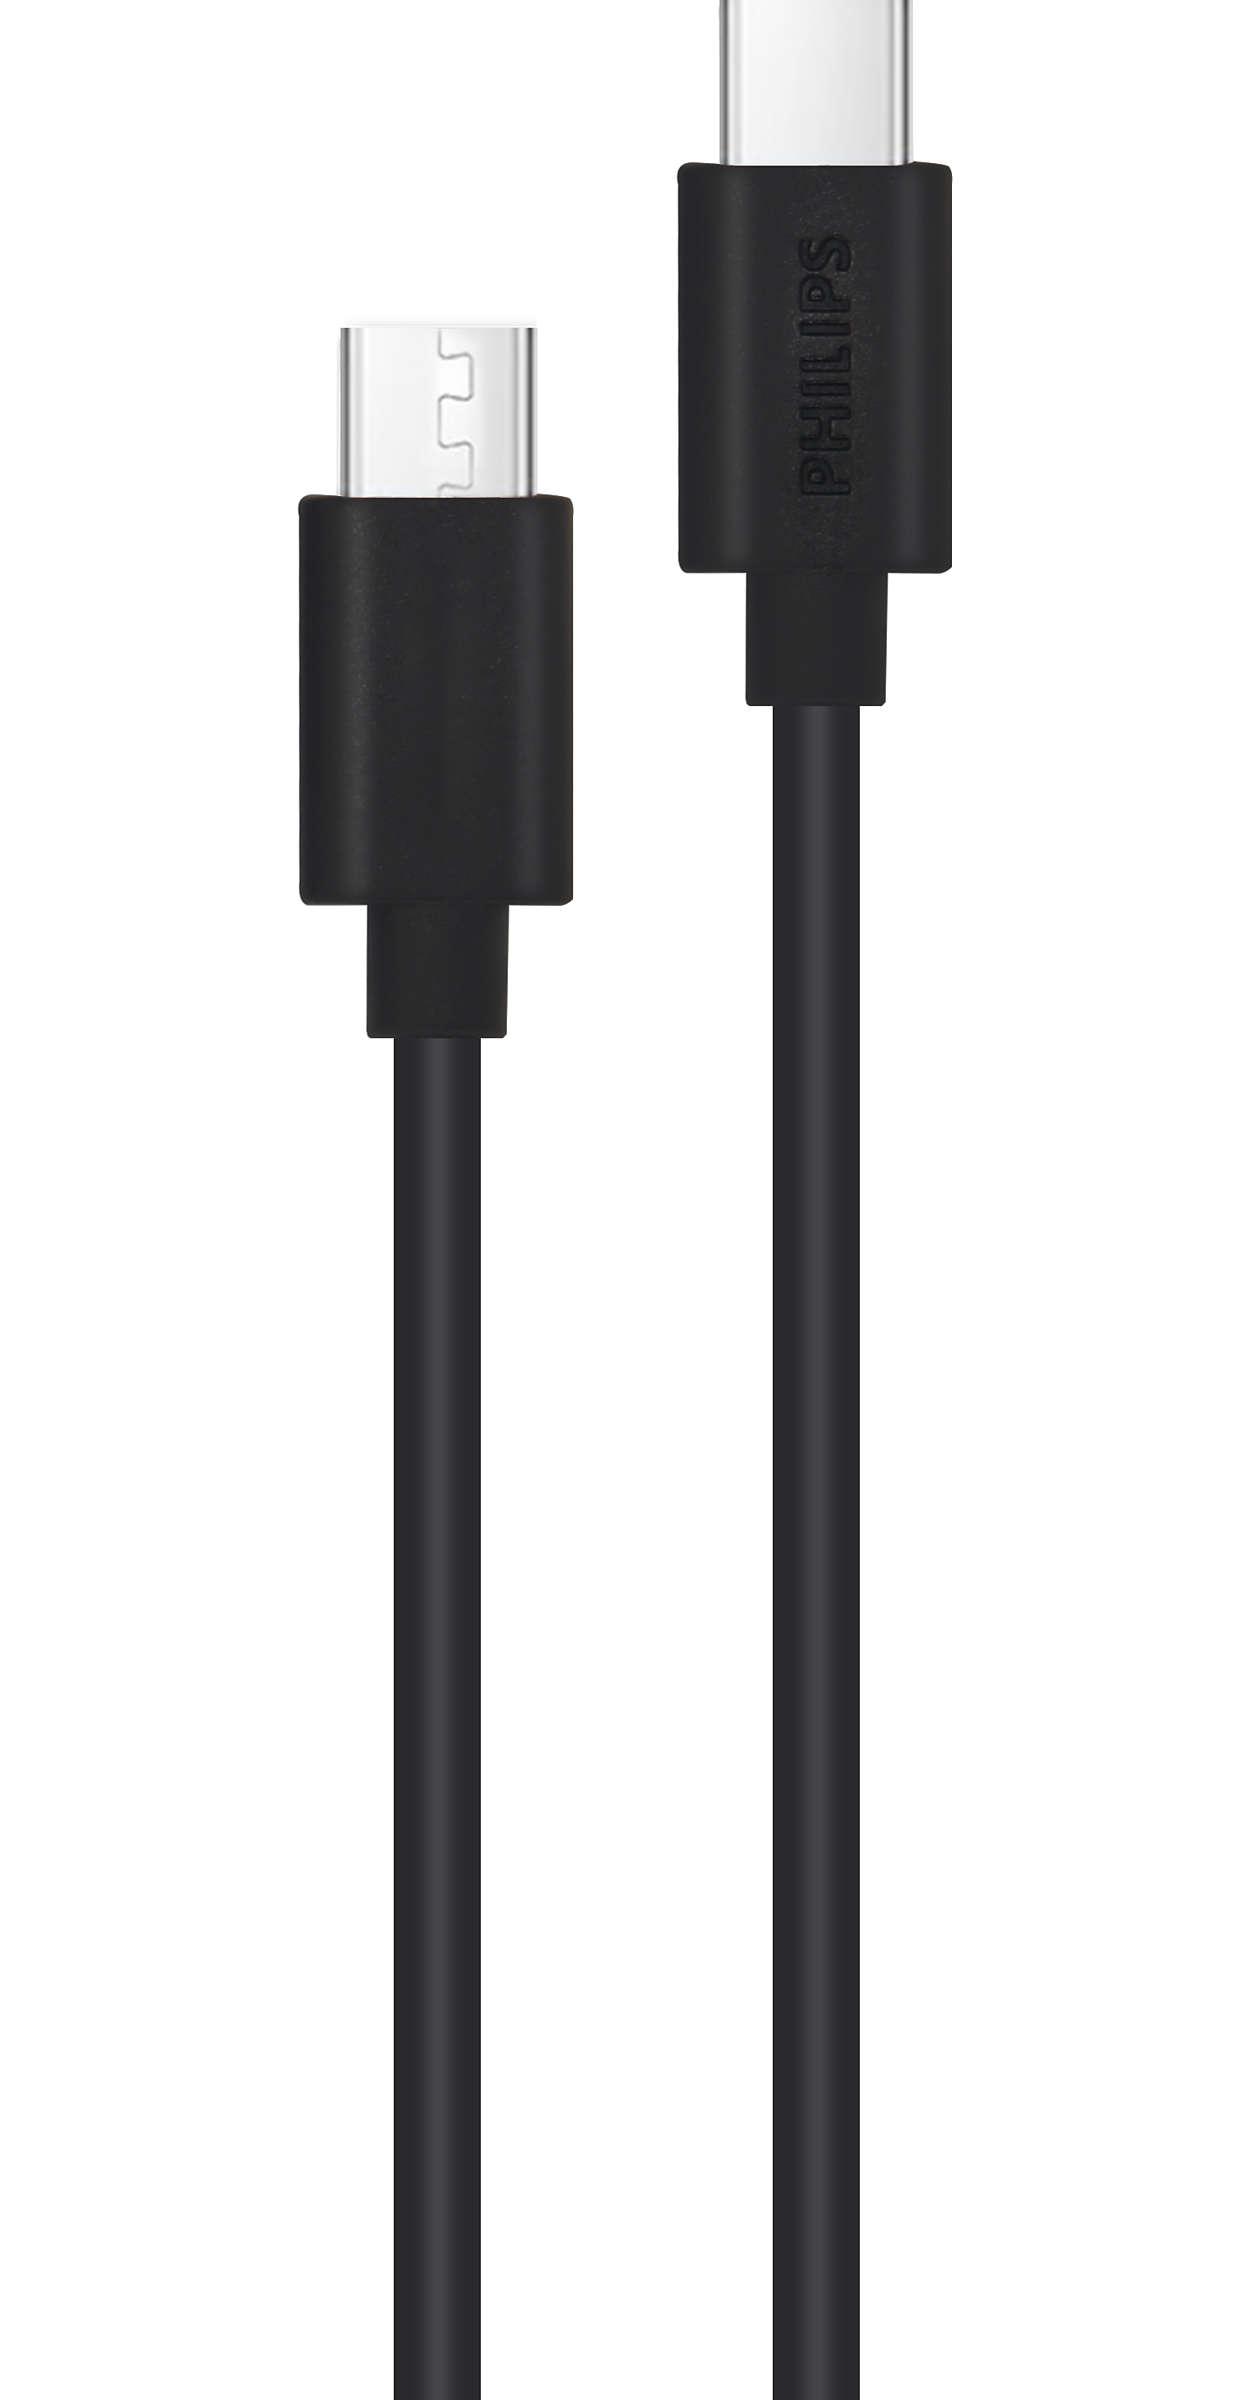 Cable USB-C a USB-C de 1.2m